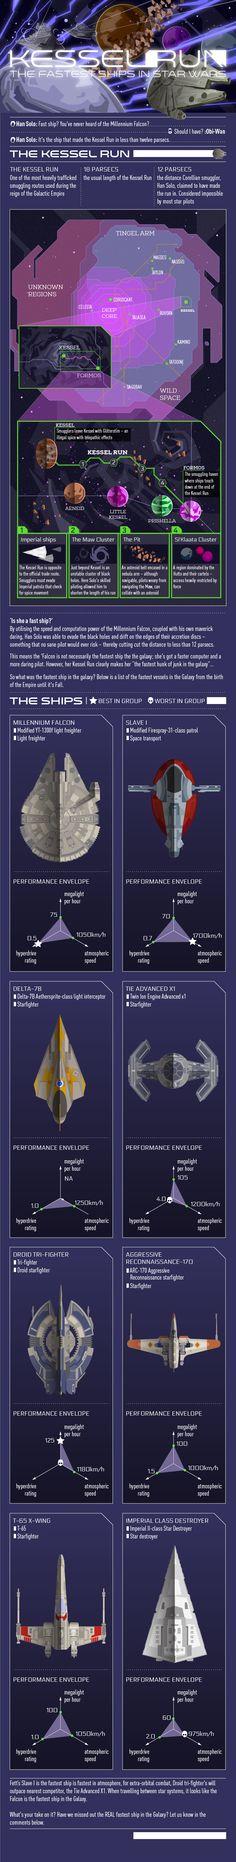 Kessel_run_06-01 infogfk for star wars fact file